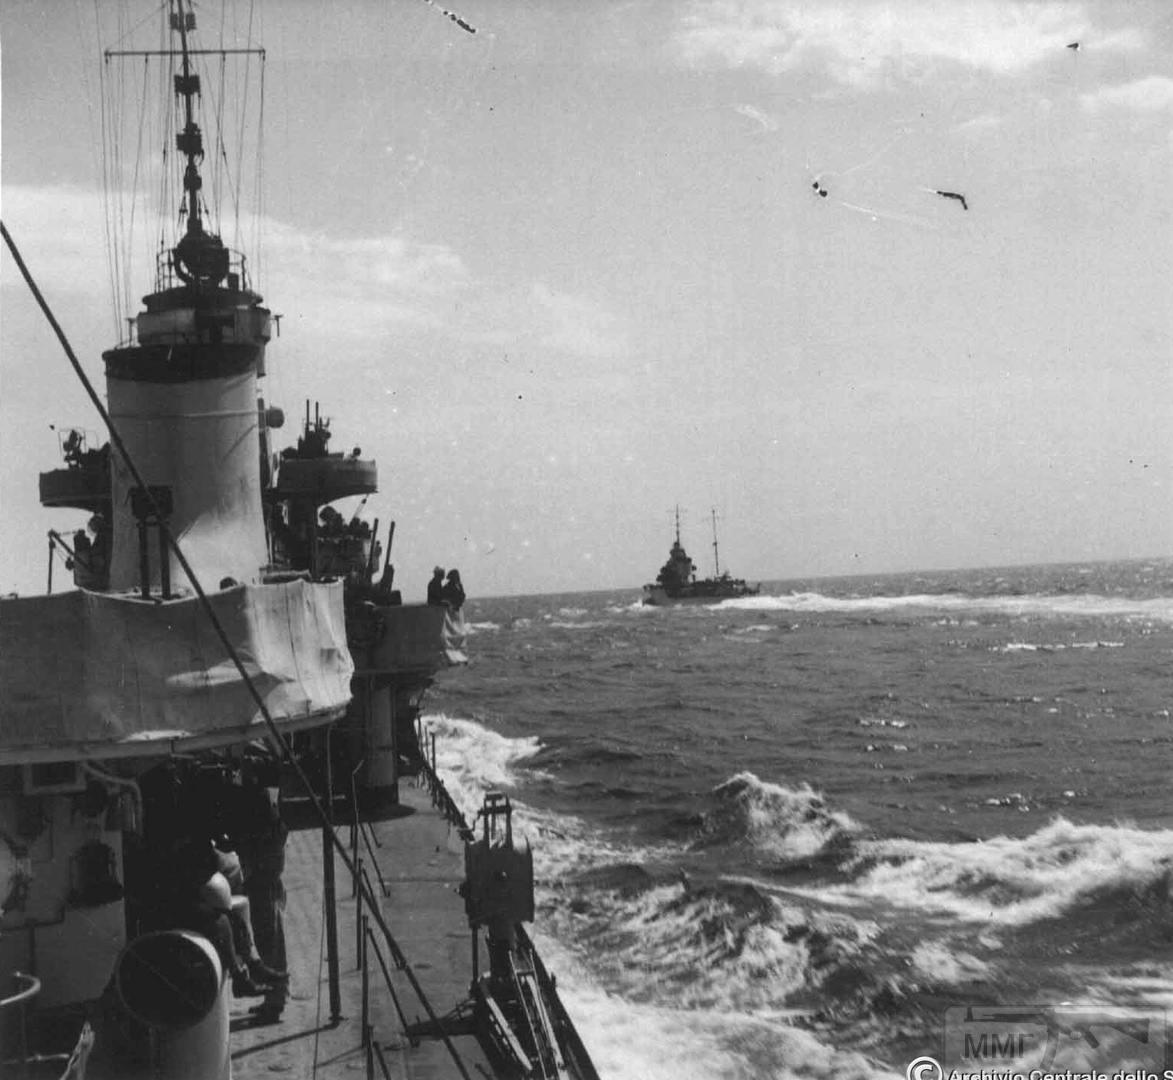 109474 - Regia Marina - Italian Battleships Littorio Class и другие...